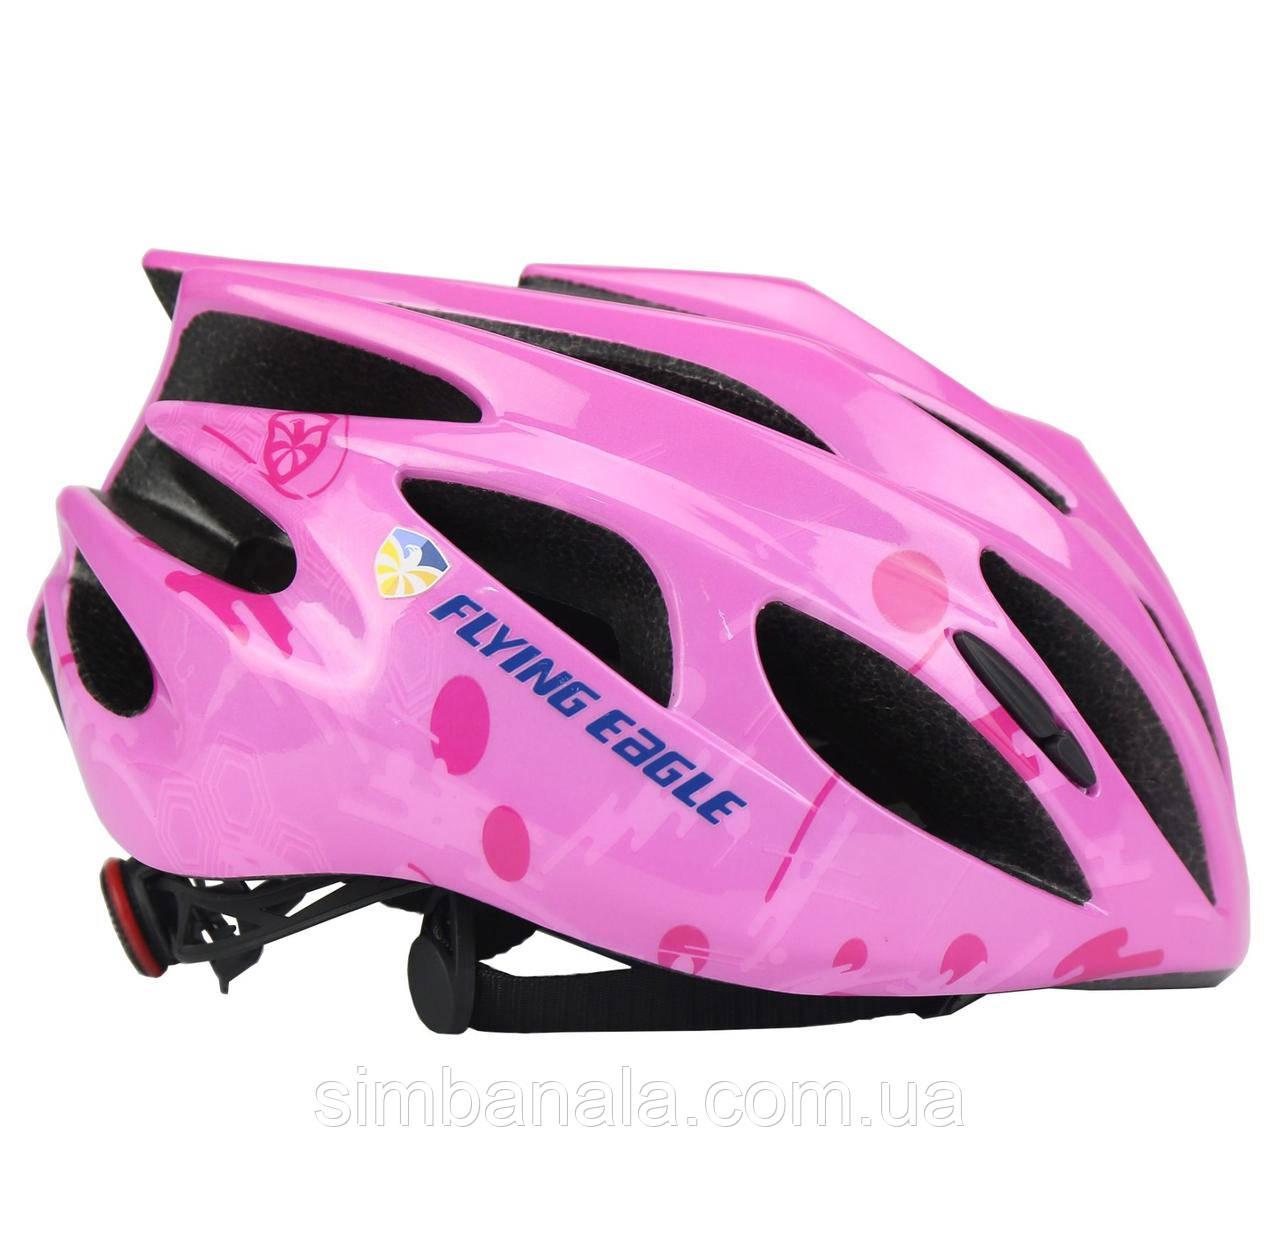 Детский шлем для роликов Flying Eagle Rapido(S/M pink)